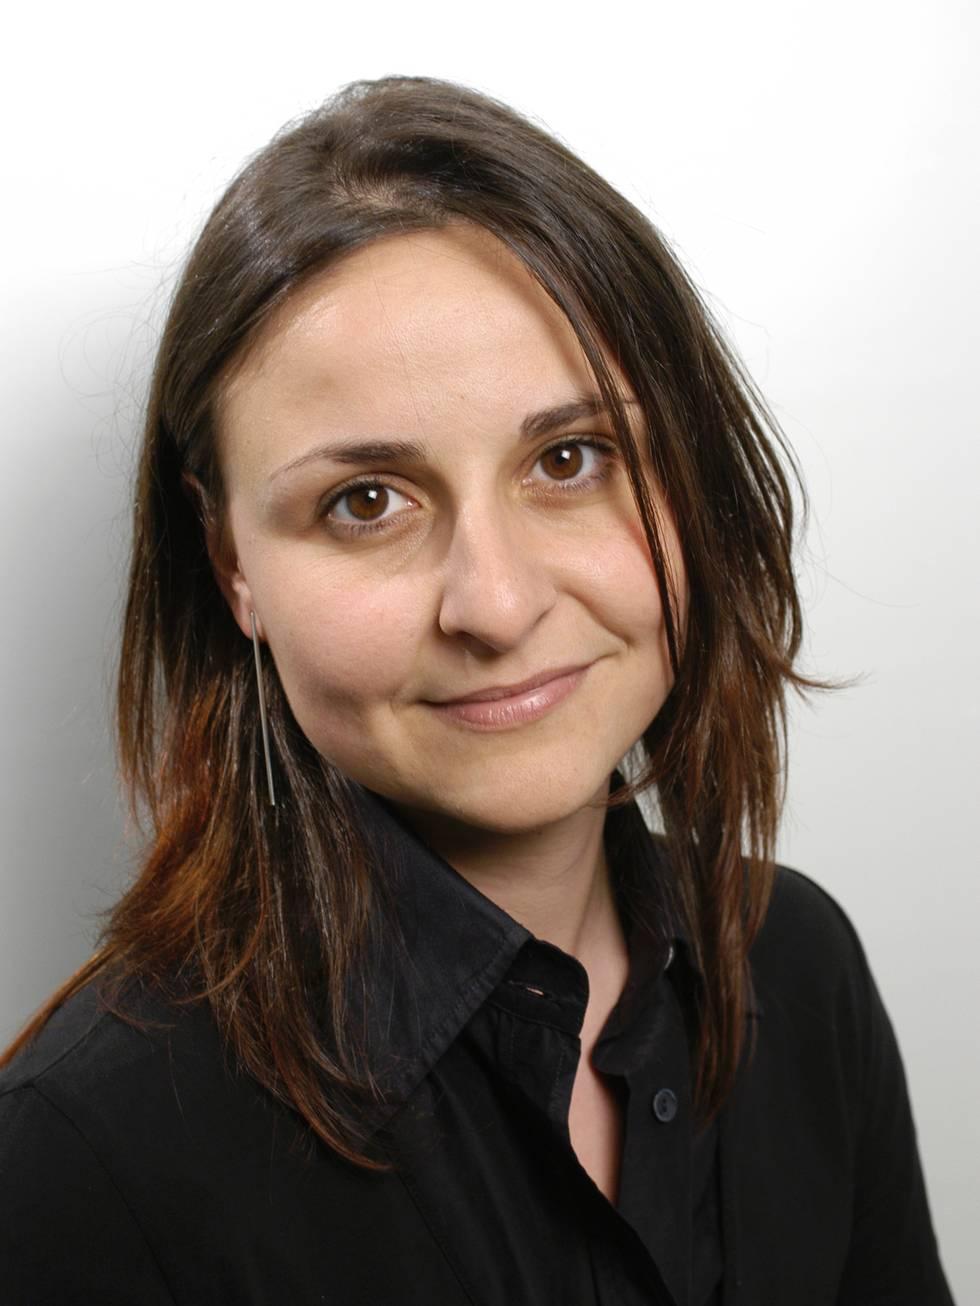 Alessia Fontana